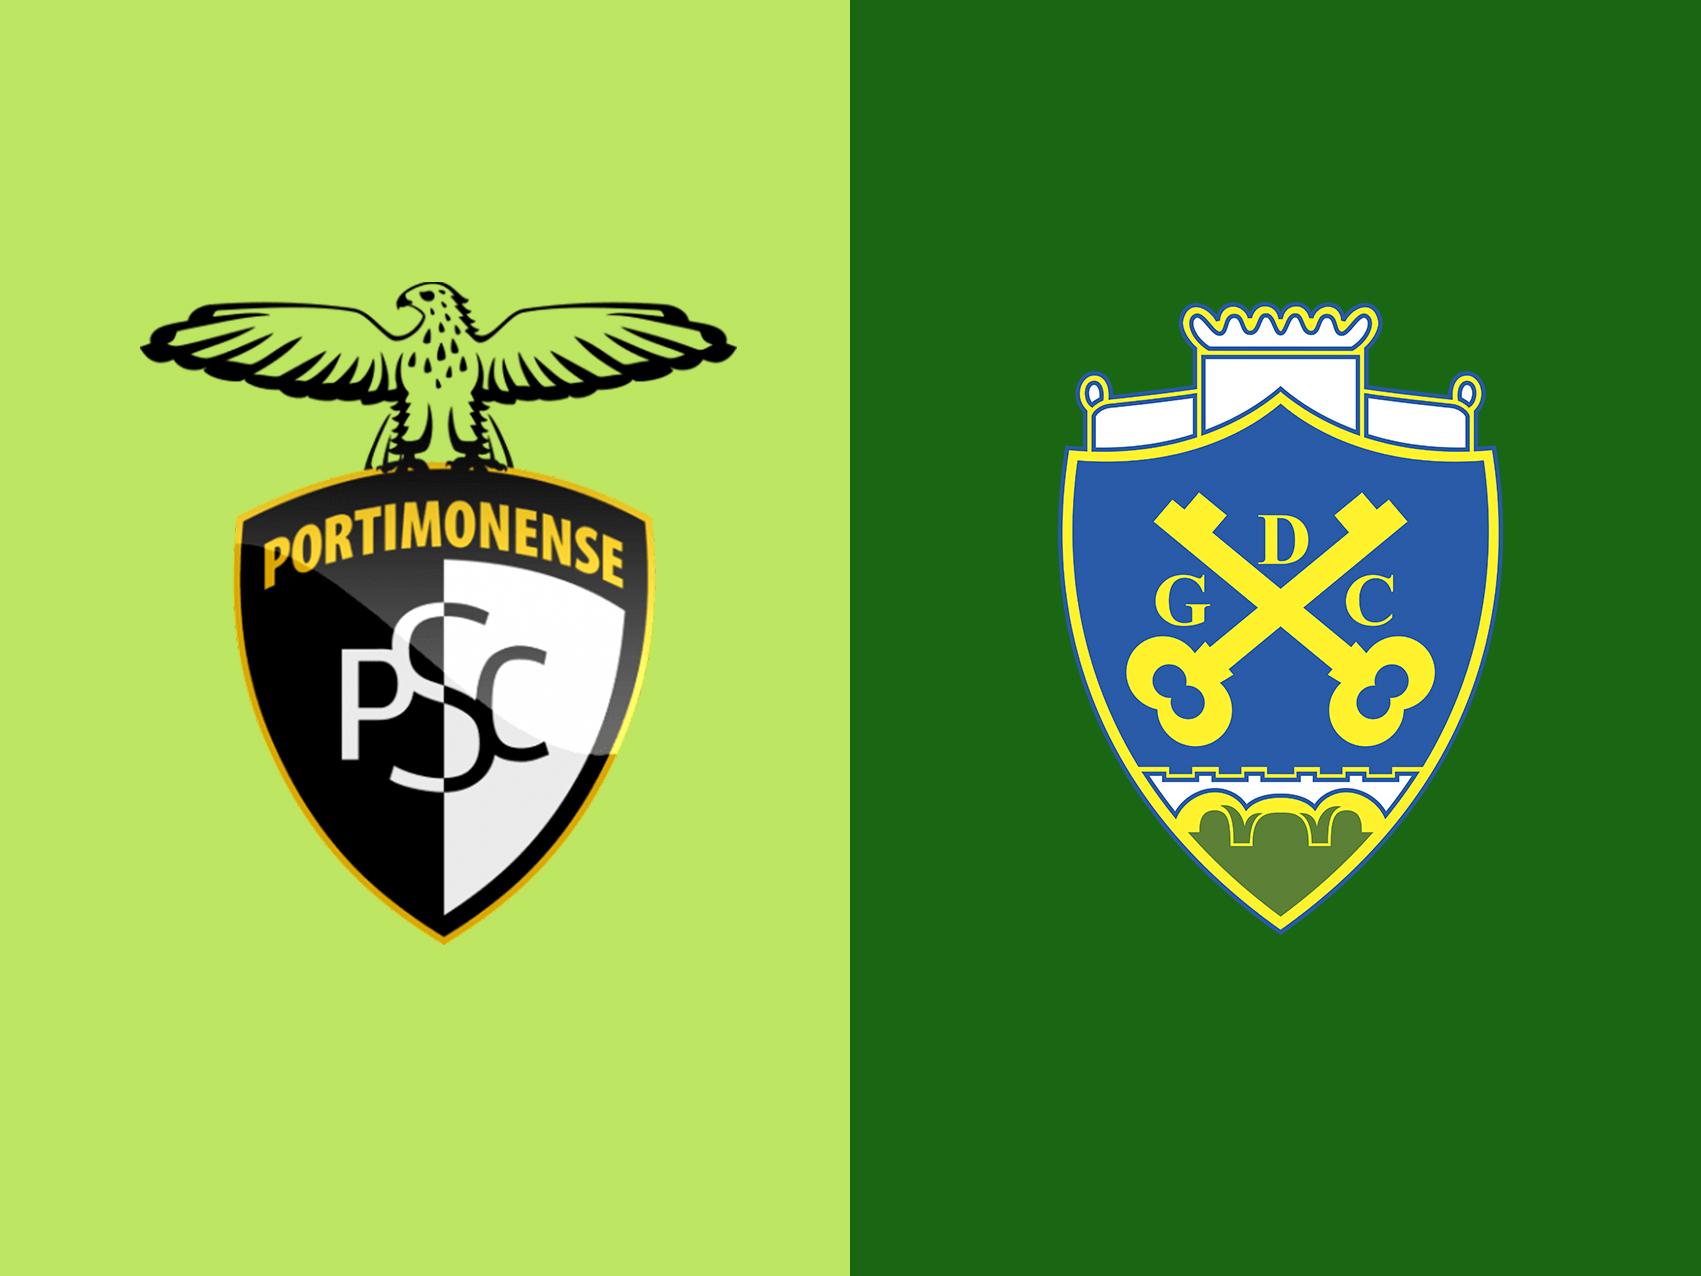 portimonense-vs-chaves-–-tip-bong-da-30-1-2019 1